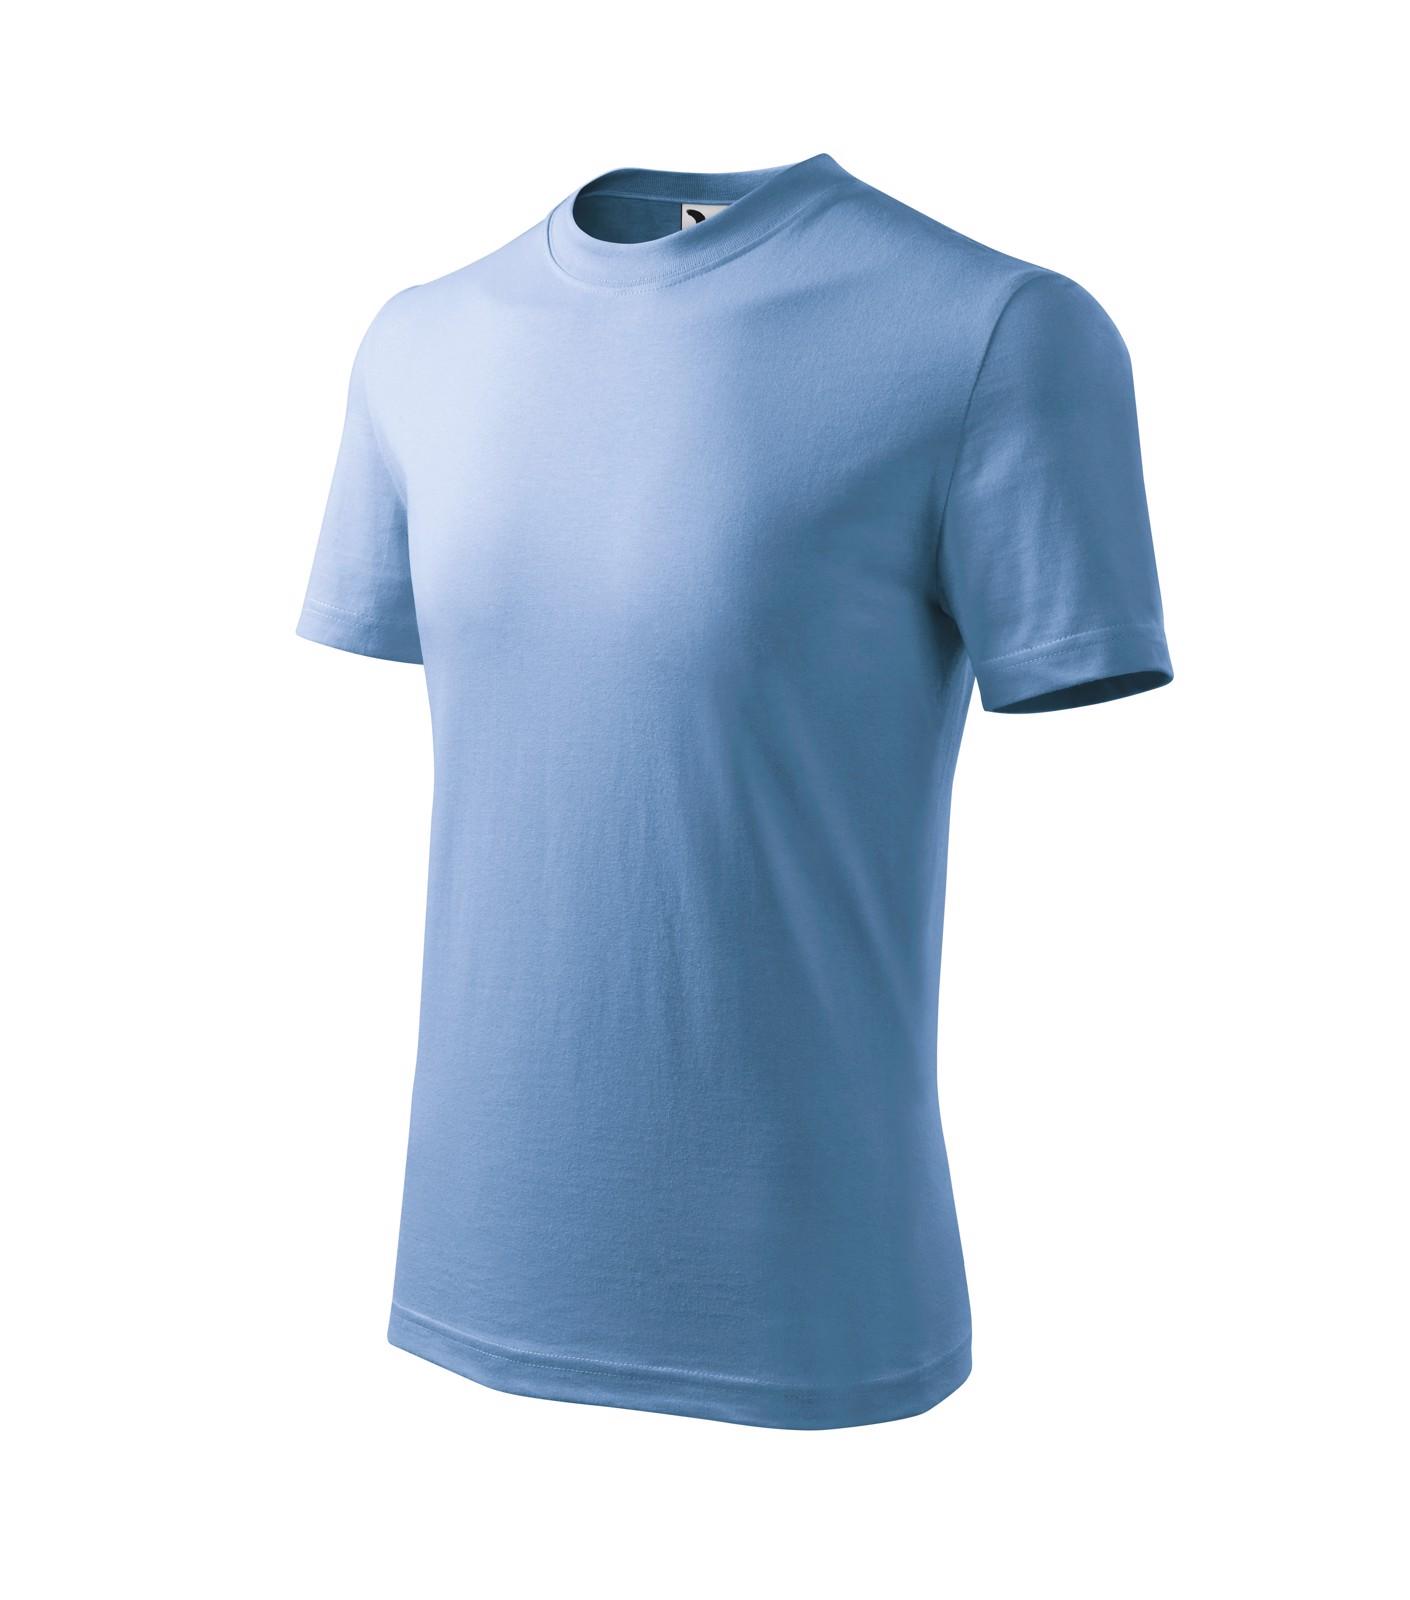 Tričko dětské Malfini Basic - Nebesky Modrá / 110 cm/4 roky